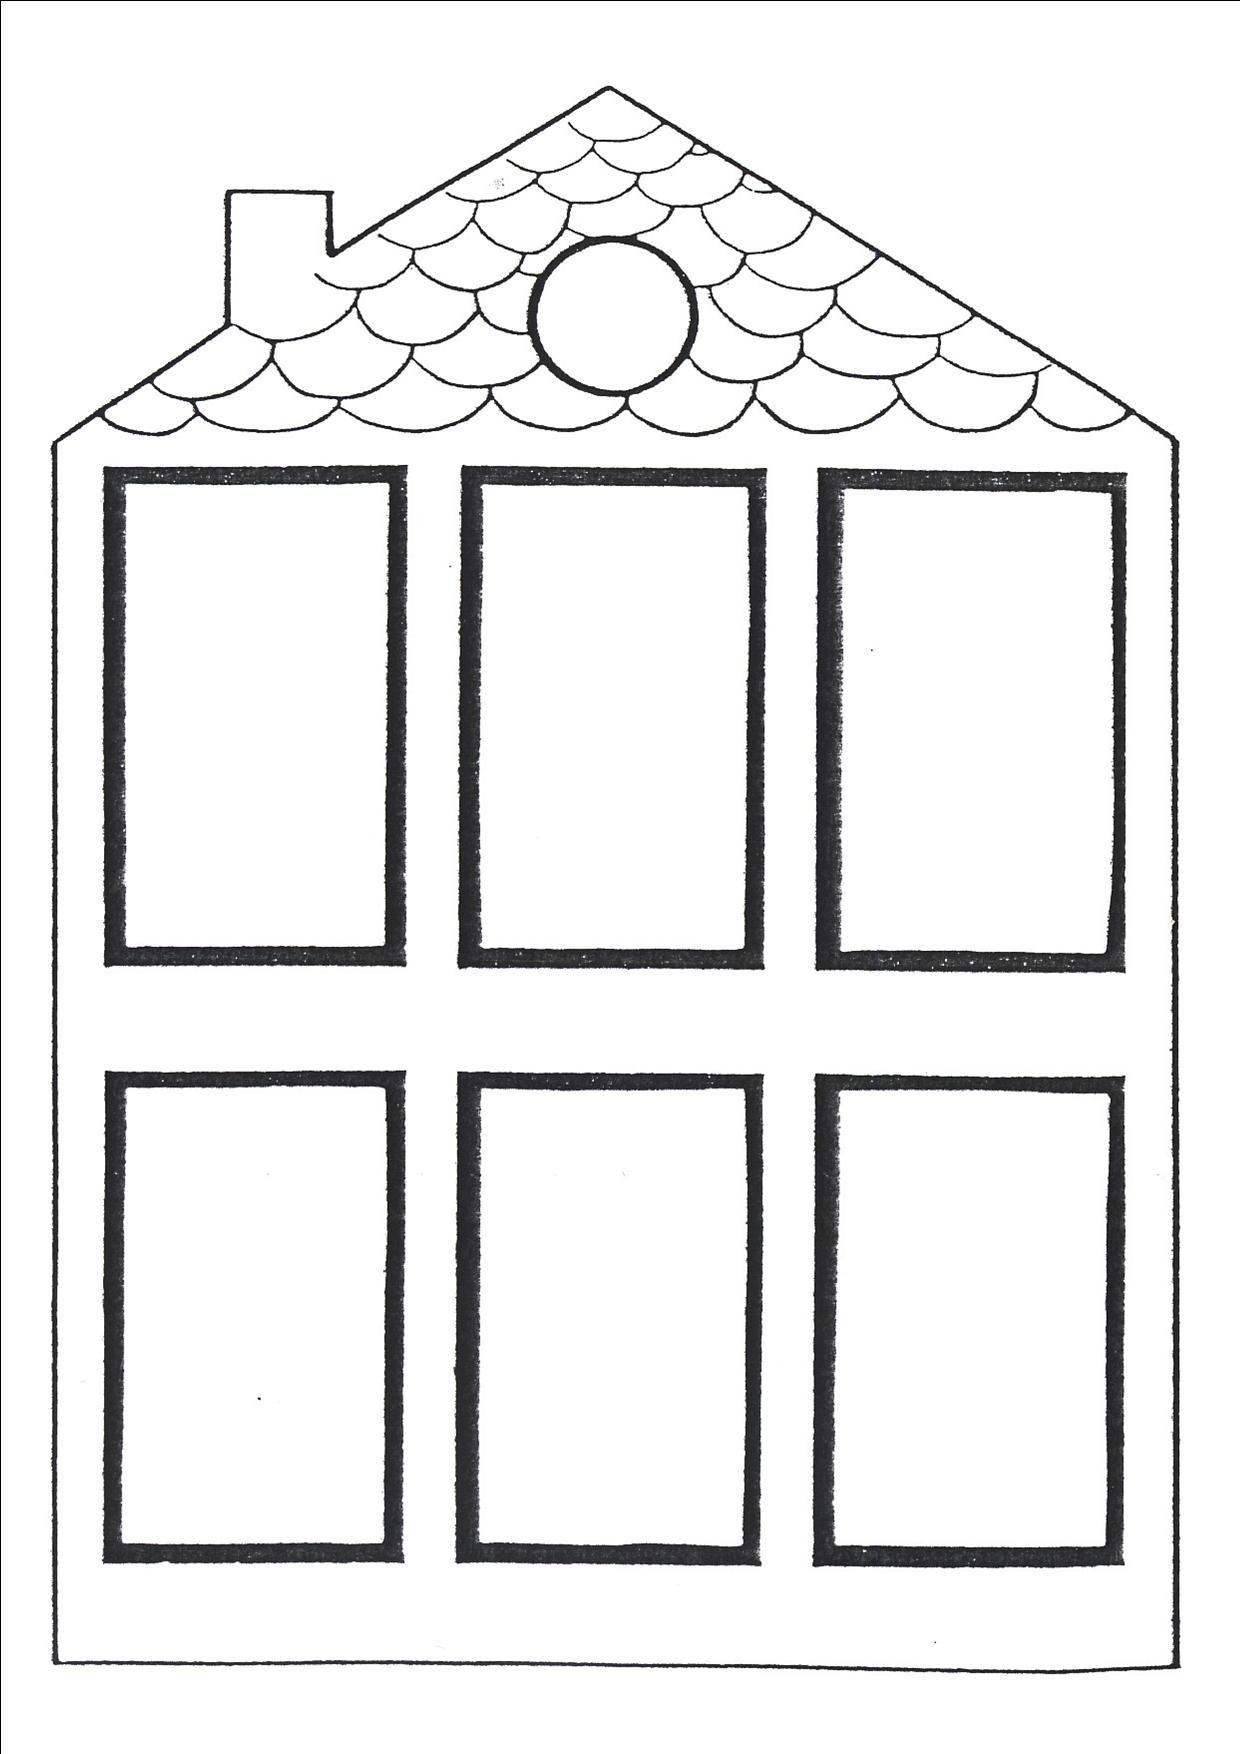 jeu de la maison des animaux l 39 espace ecole pinterest jeux de la maison de la maison et. Black Bedroom Furniture Sets. Home Design Ideas